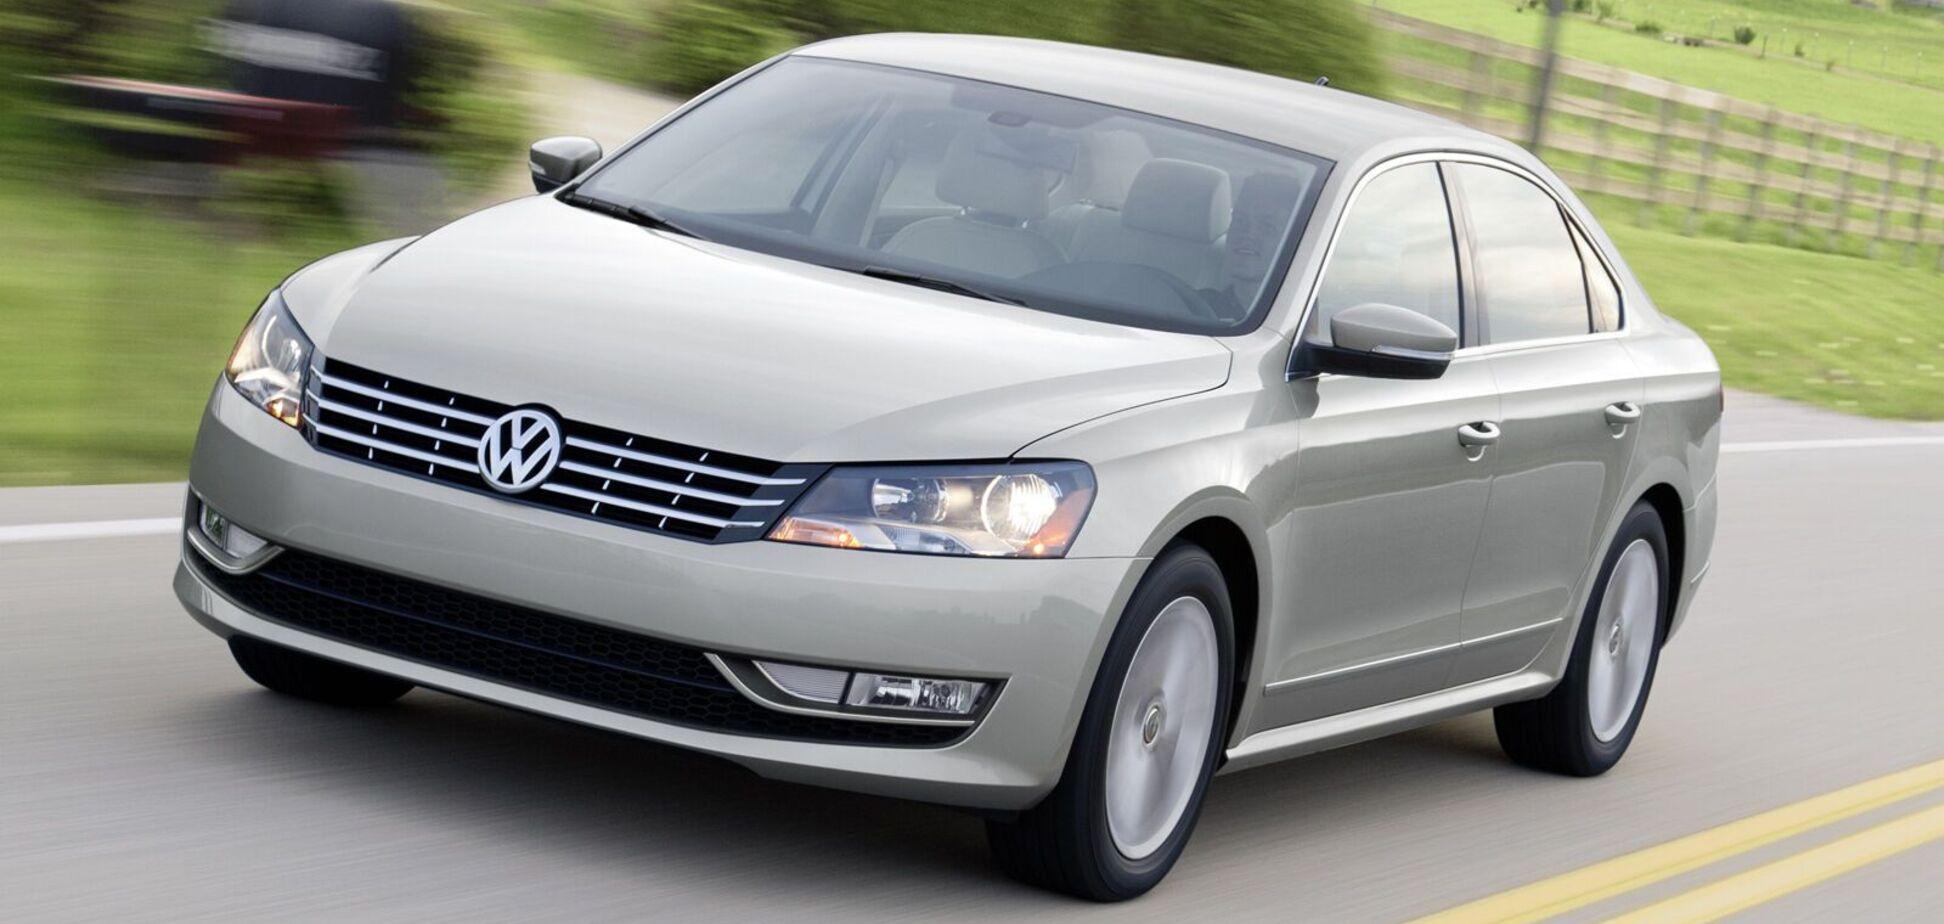 На продаж виставили 'биток' VW Passat із 'непристойними' ушкодженнями